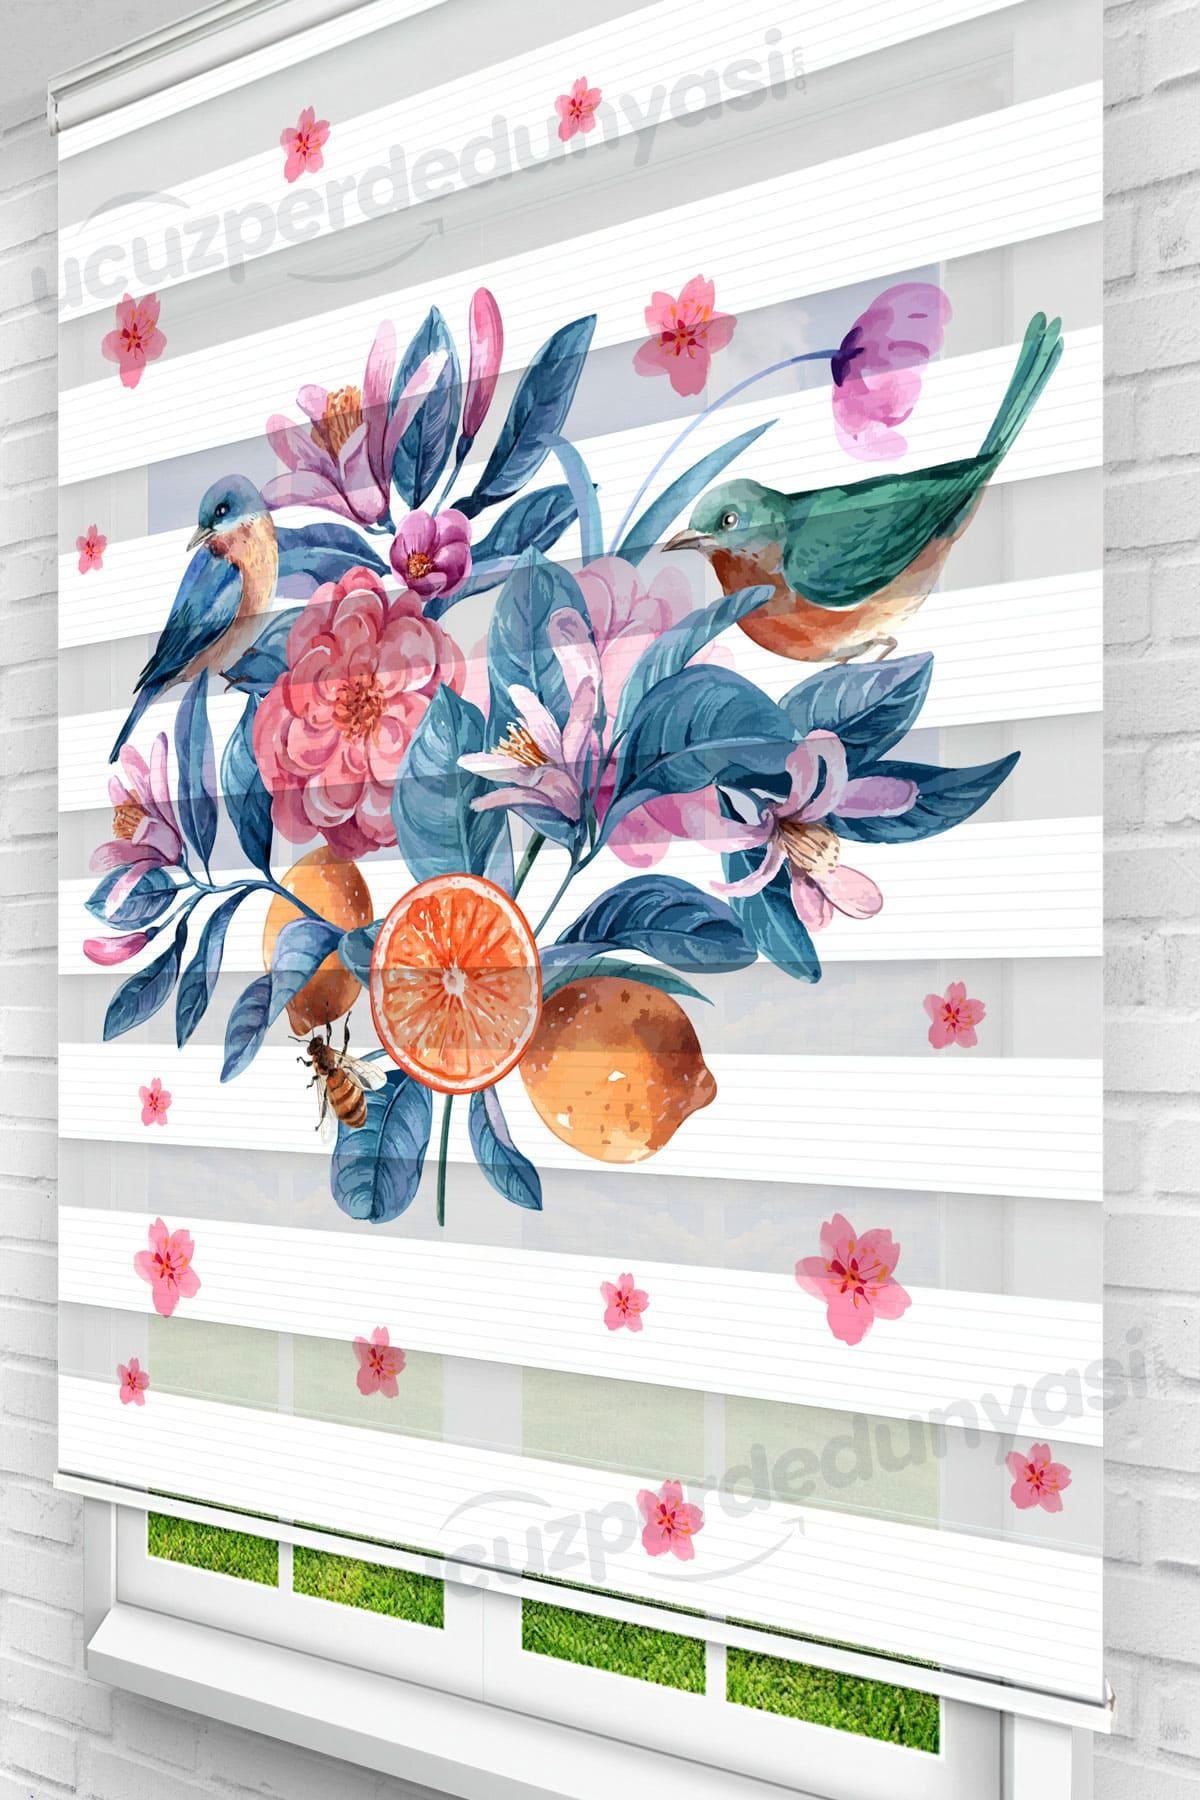 Çiçekler İçerisindeki Kuşlar Mutfak Zebra Perde